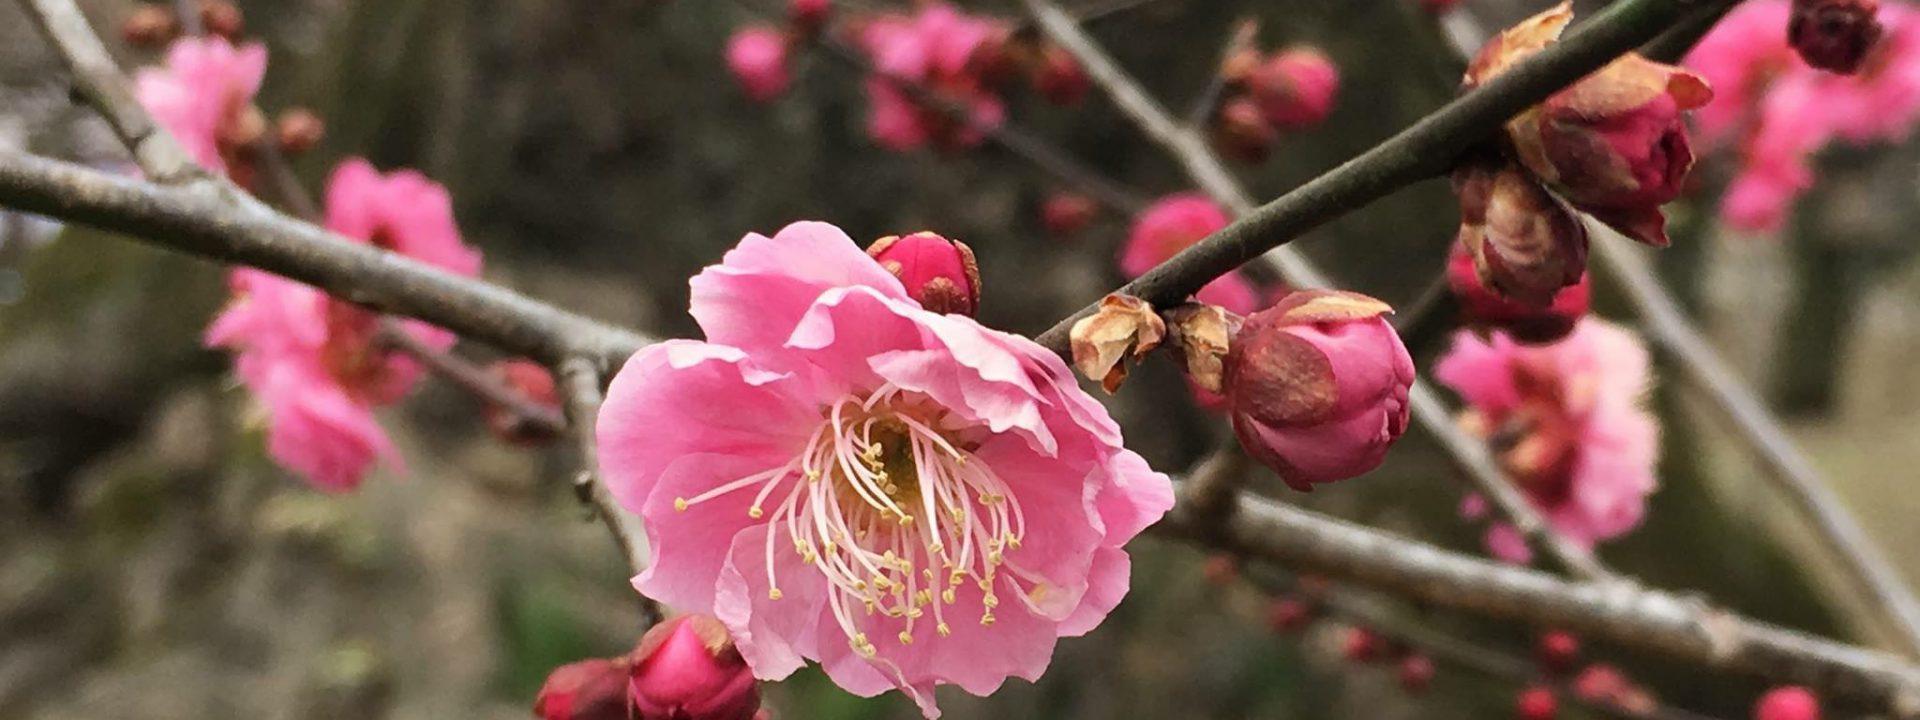 北野天満宮の梅花祭